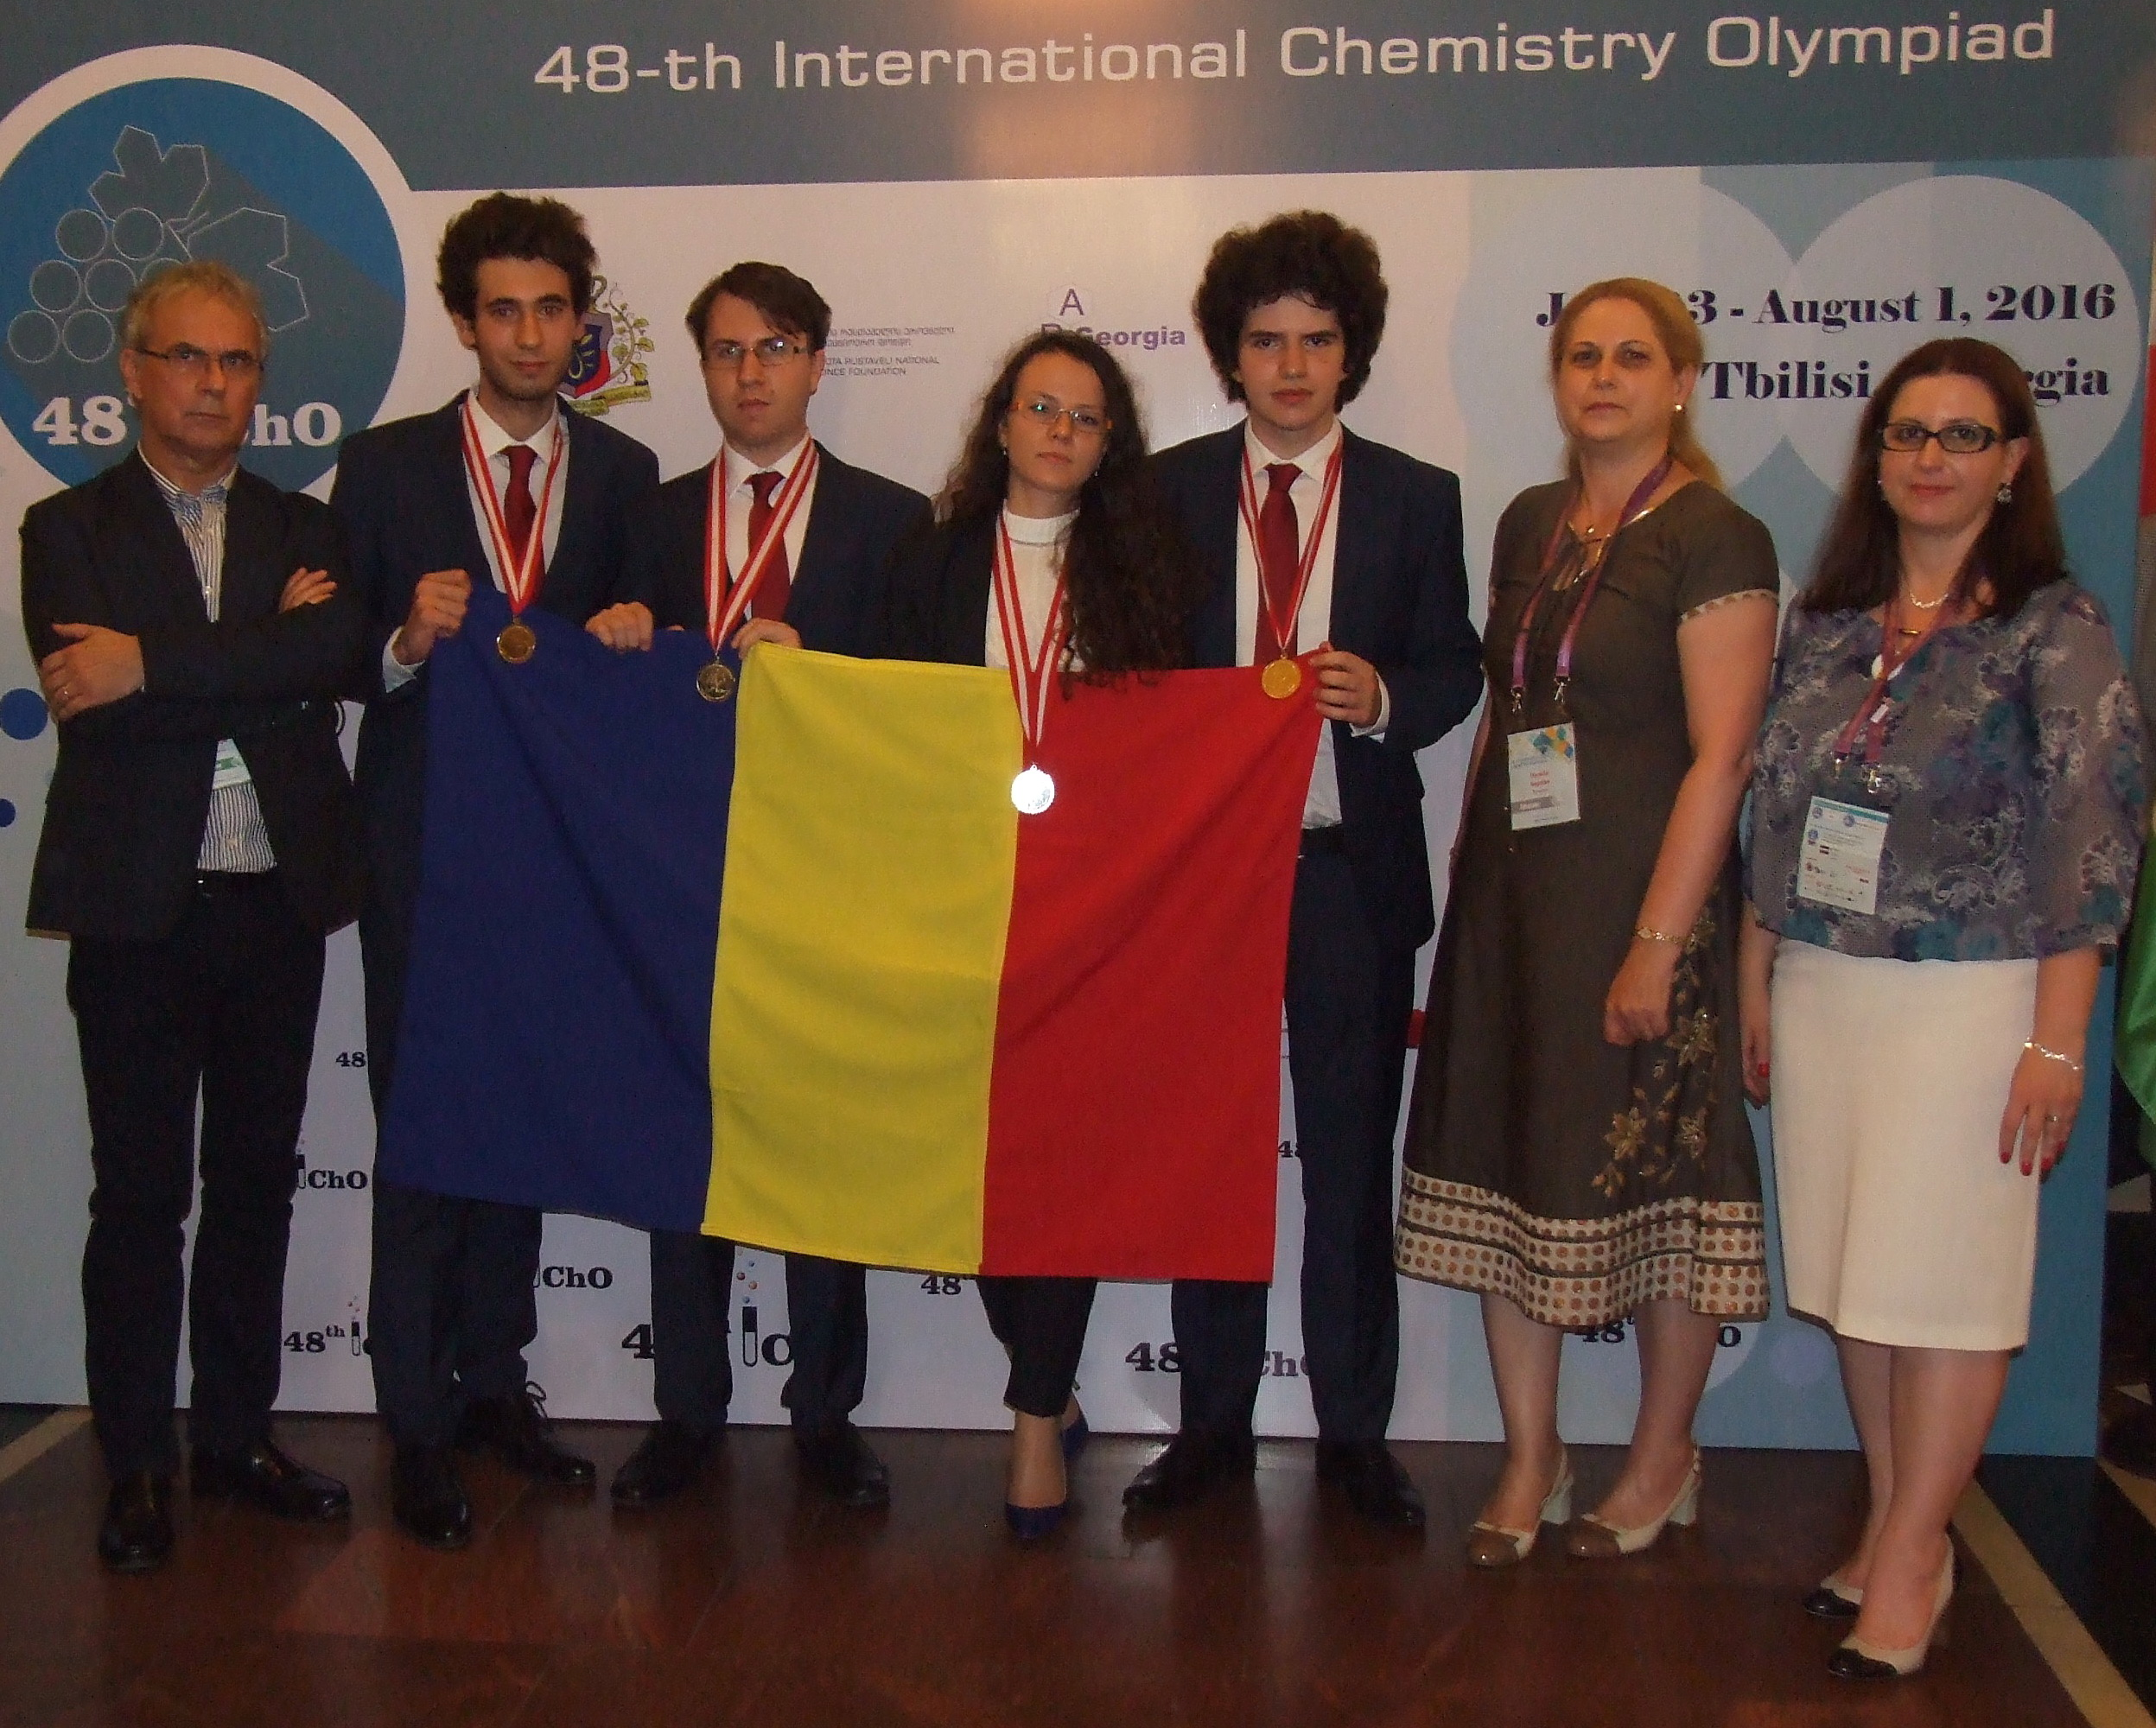 Elevii români au câștigat trei medalii de aur și una de argint la Olimpiada Internațională de Chimie